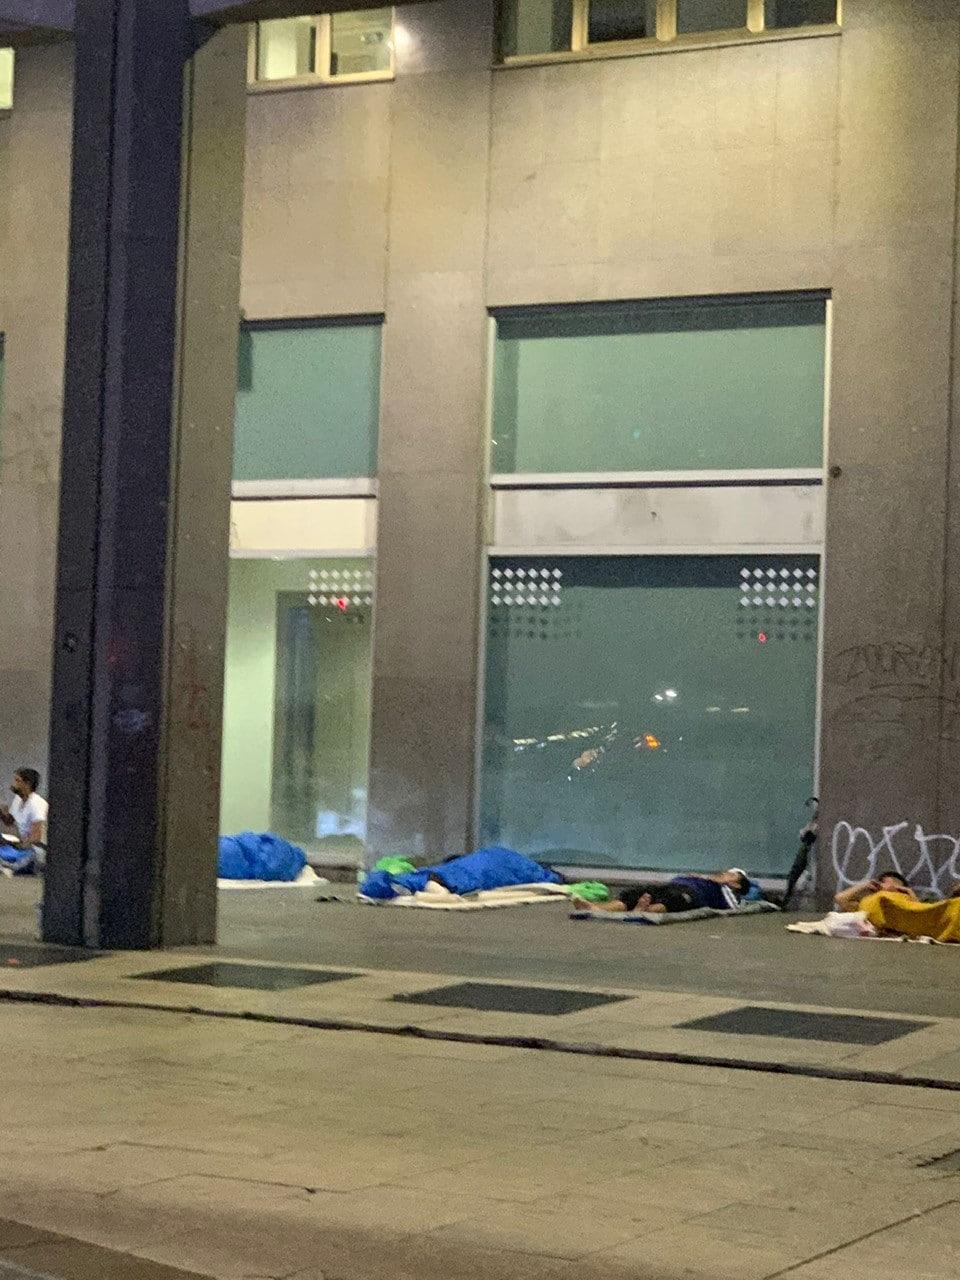 Sbarcati quasi 20 mila migranti dal primo gennaio, ma il numero nelle strutture non cresce. Per accogliere i nuovi gettiamo sulla strada i vecchi e le città sono sempre più insicure